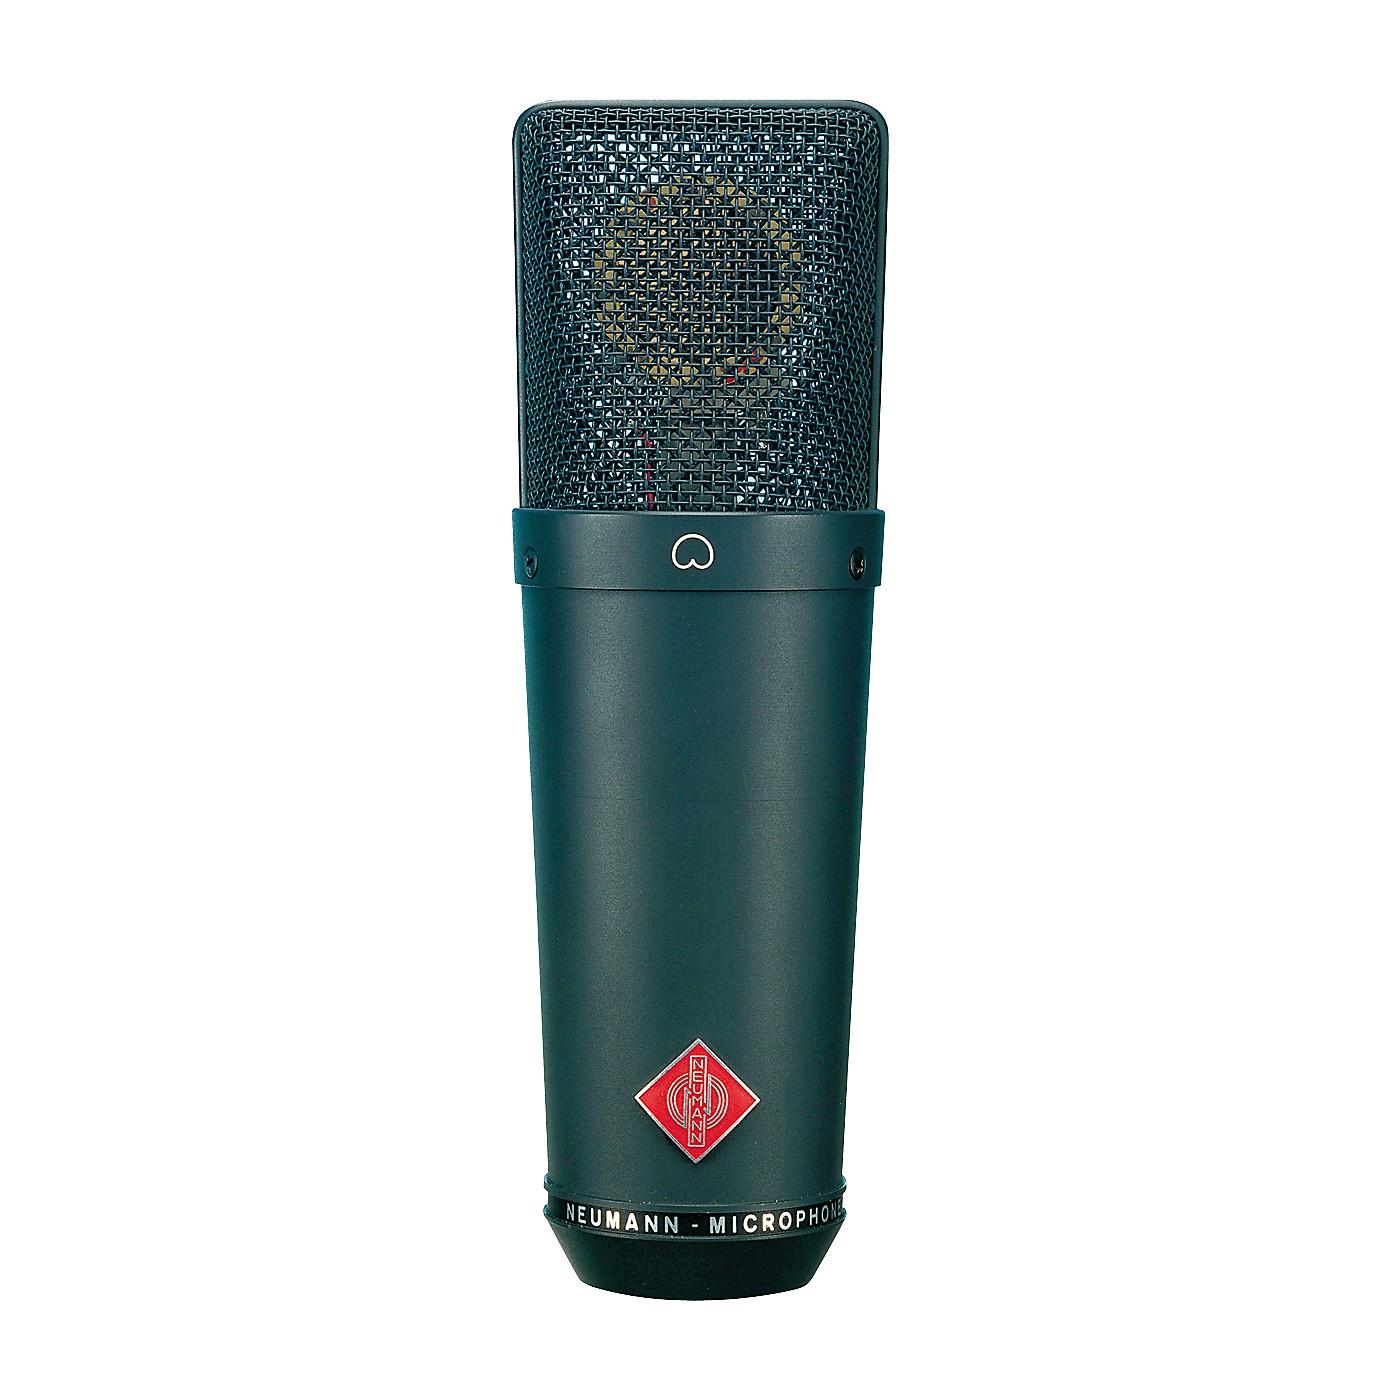 Neumann TLM-193 Cardioid Condenser Microphone thumbnail